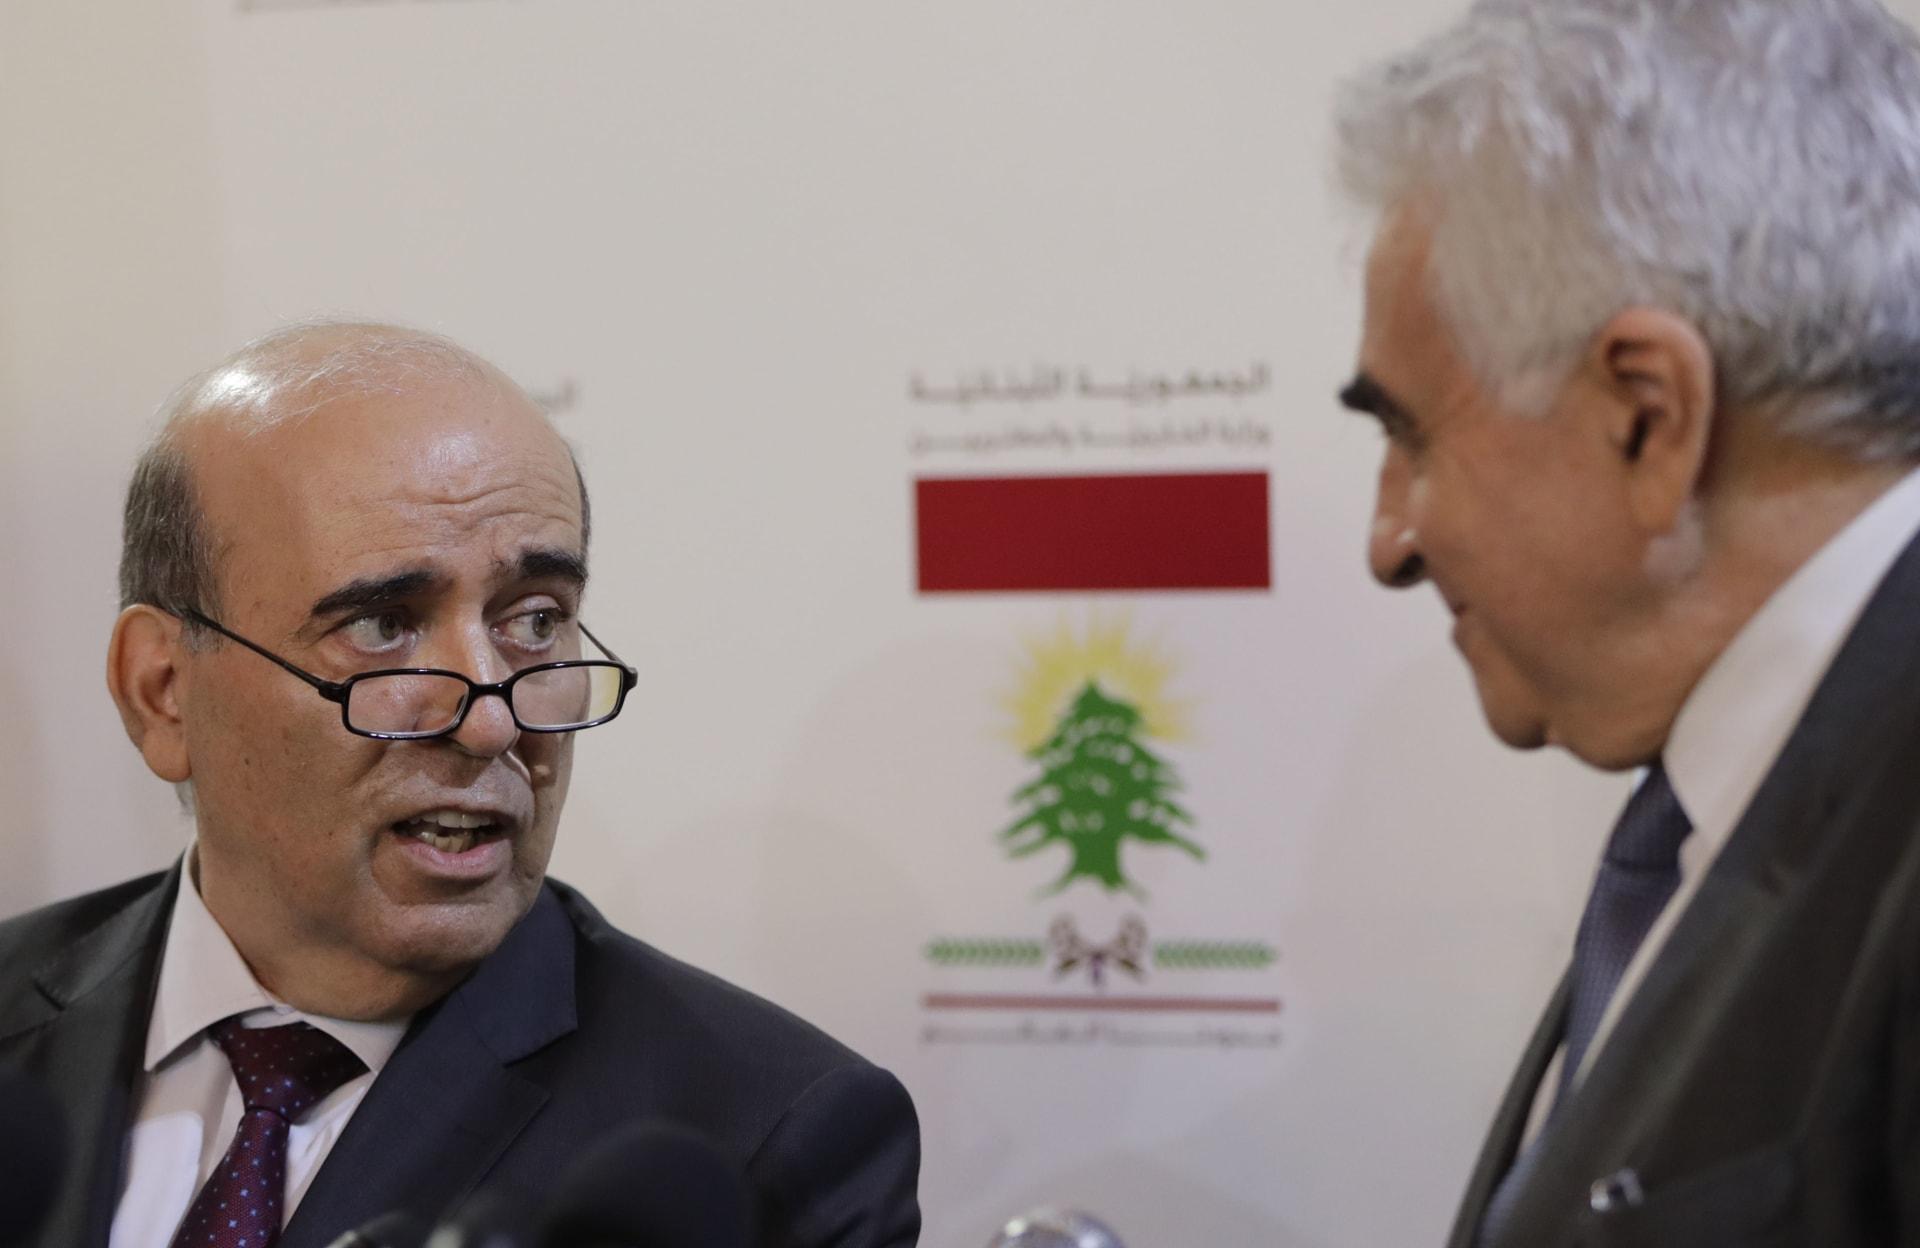 سلمان الانصاري يتحدث عن جانبين من الجزء المحذوف من مقابلة وزير الخارجية اللبناني شربل وهبي